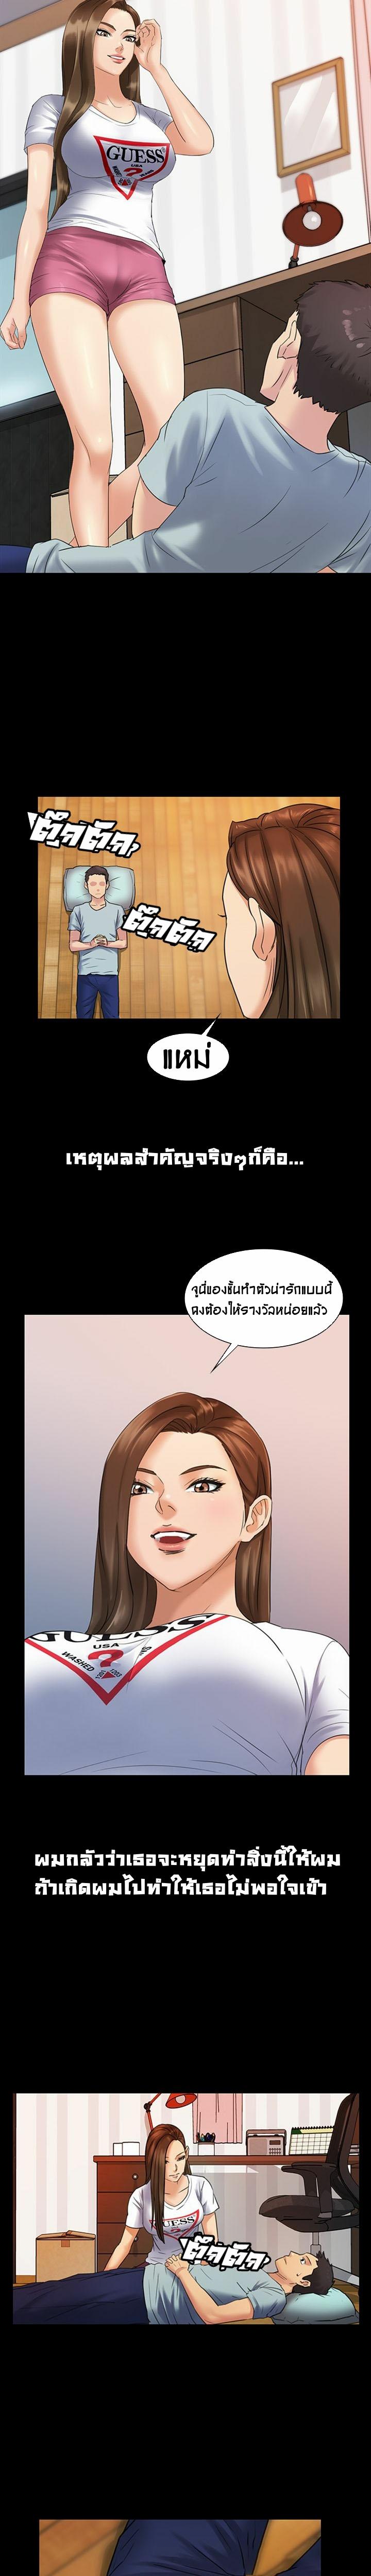 ควีน บี 2 ภาพ 7